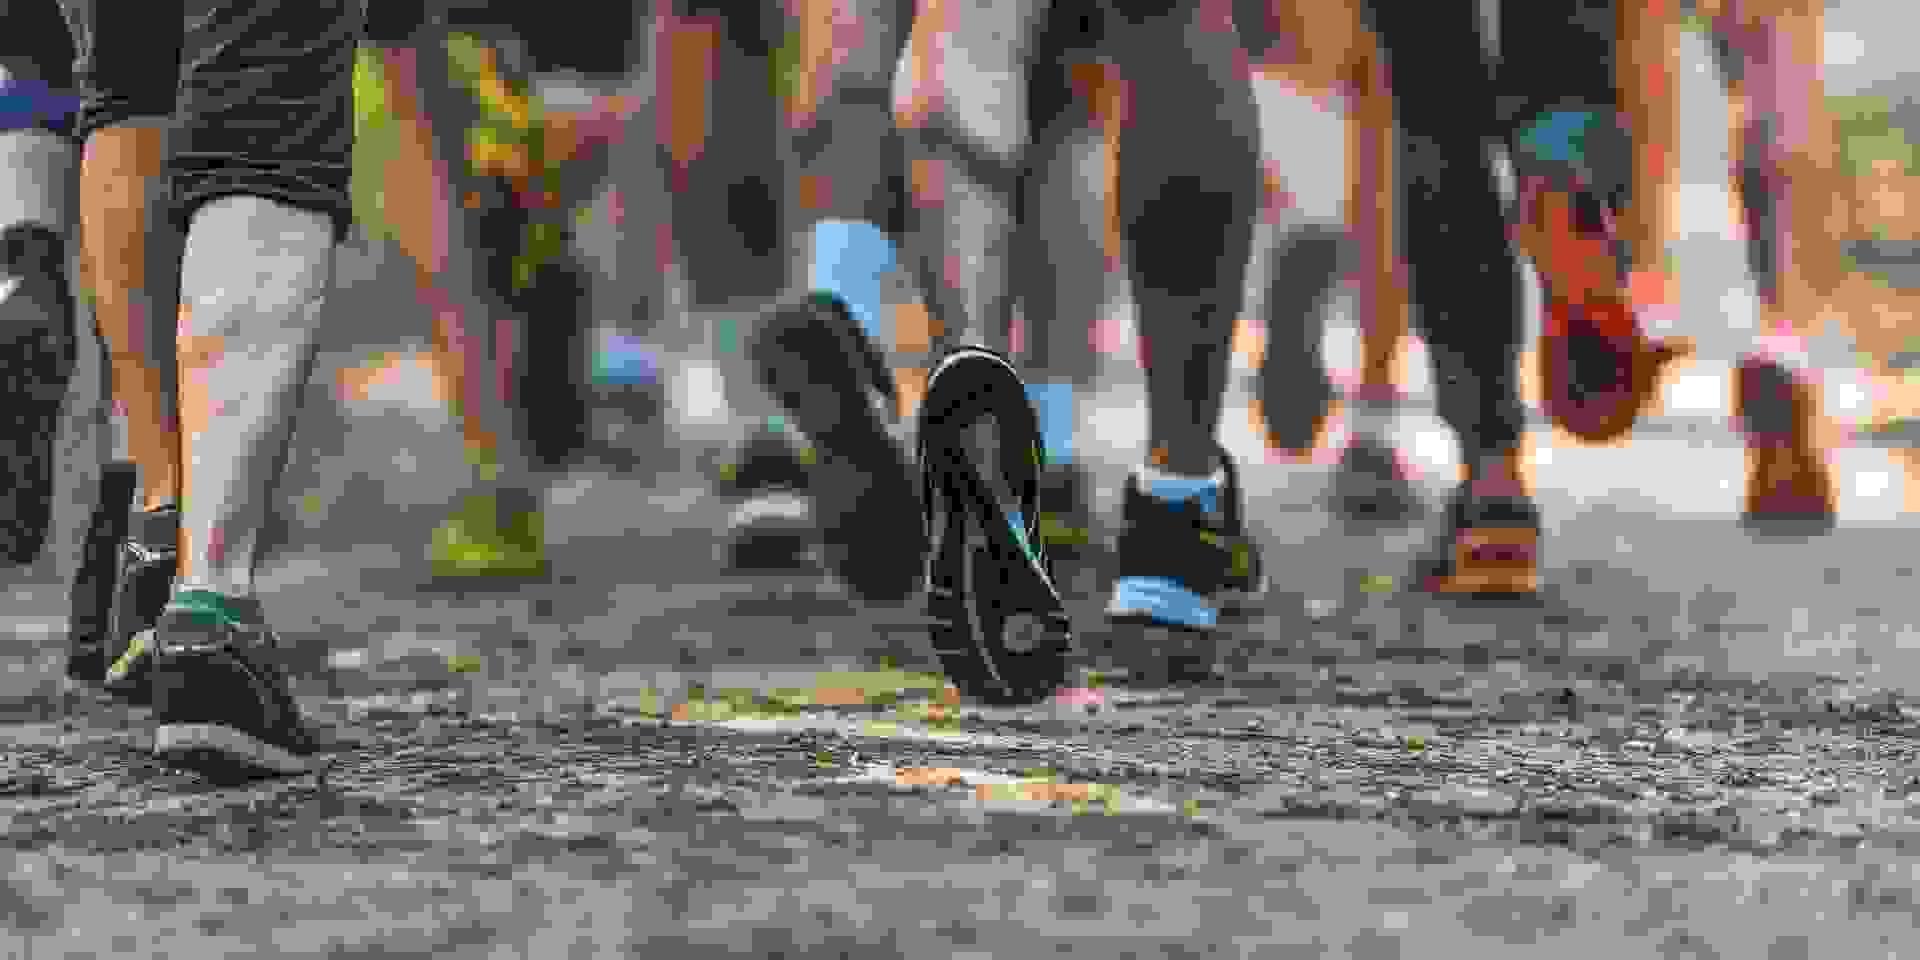 Läufer laufen auf einem Feldweg nebeneinander her. Zu sehen sind die Unterschenkel und Füße, die in unterschiedlichen Laufschuhmodellen stecken.